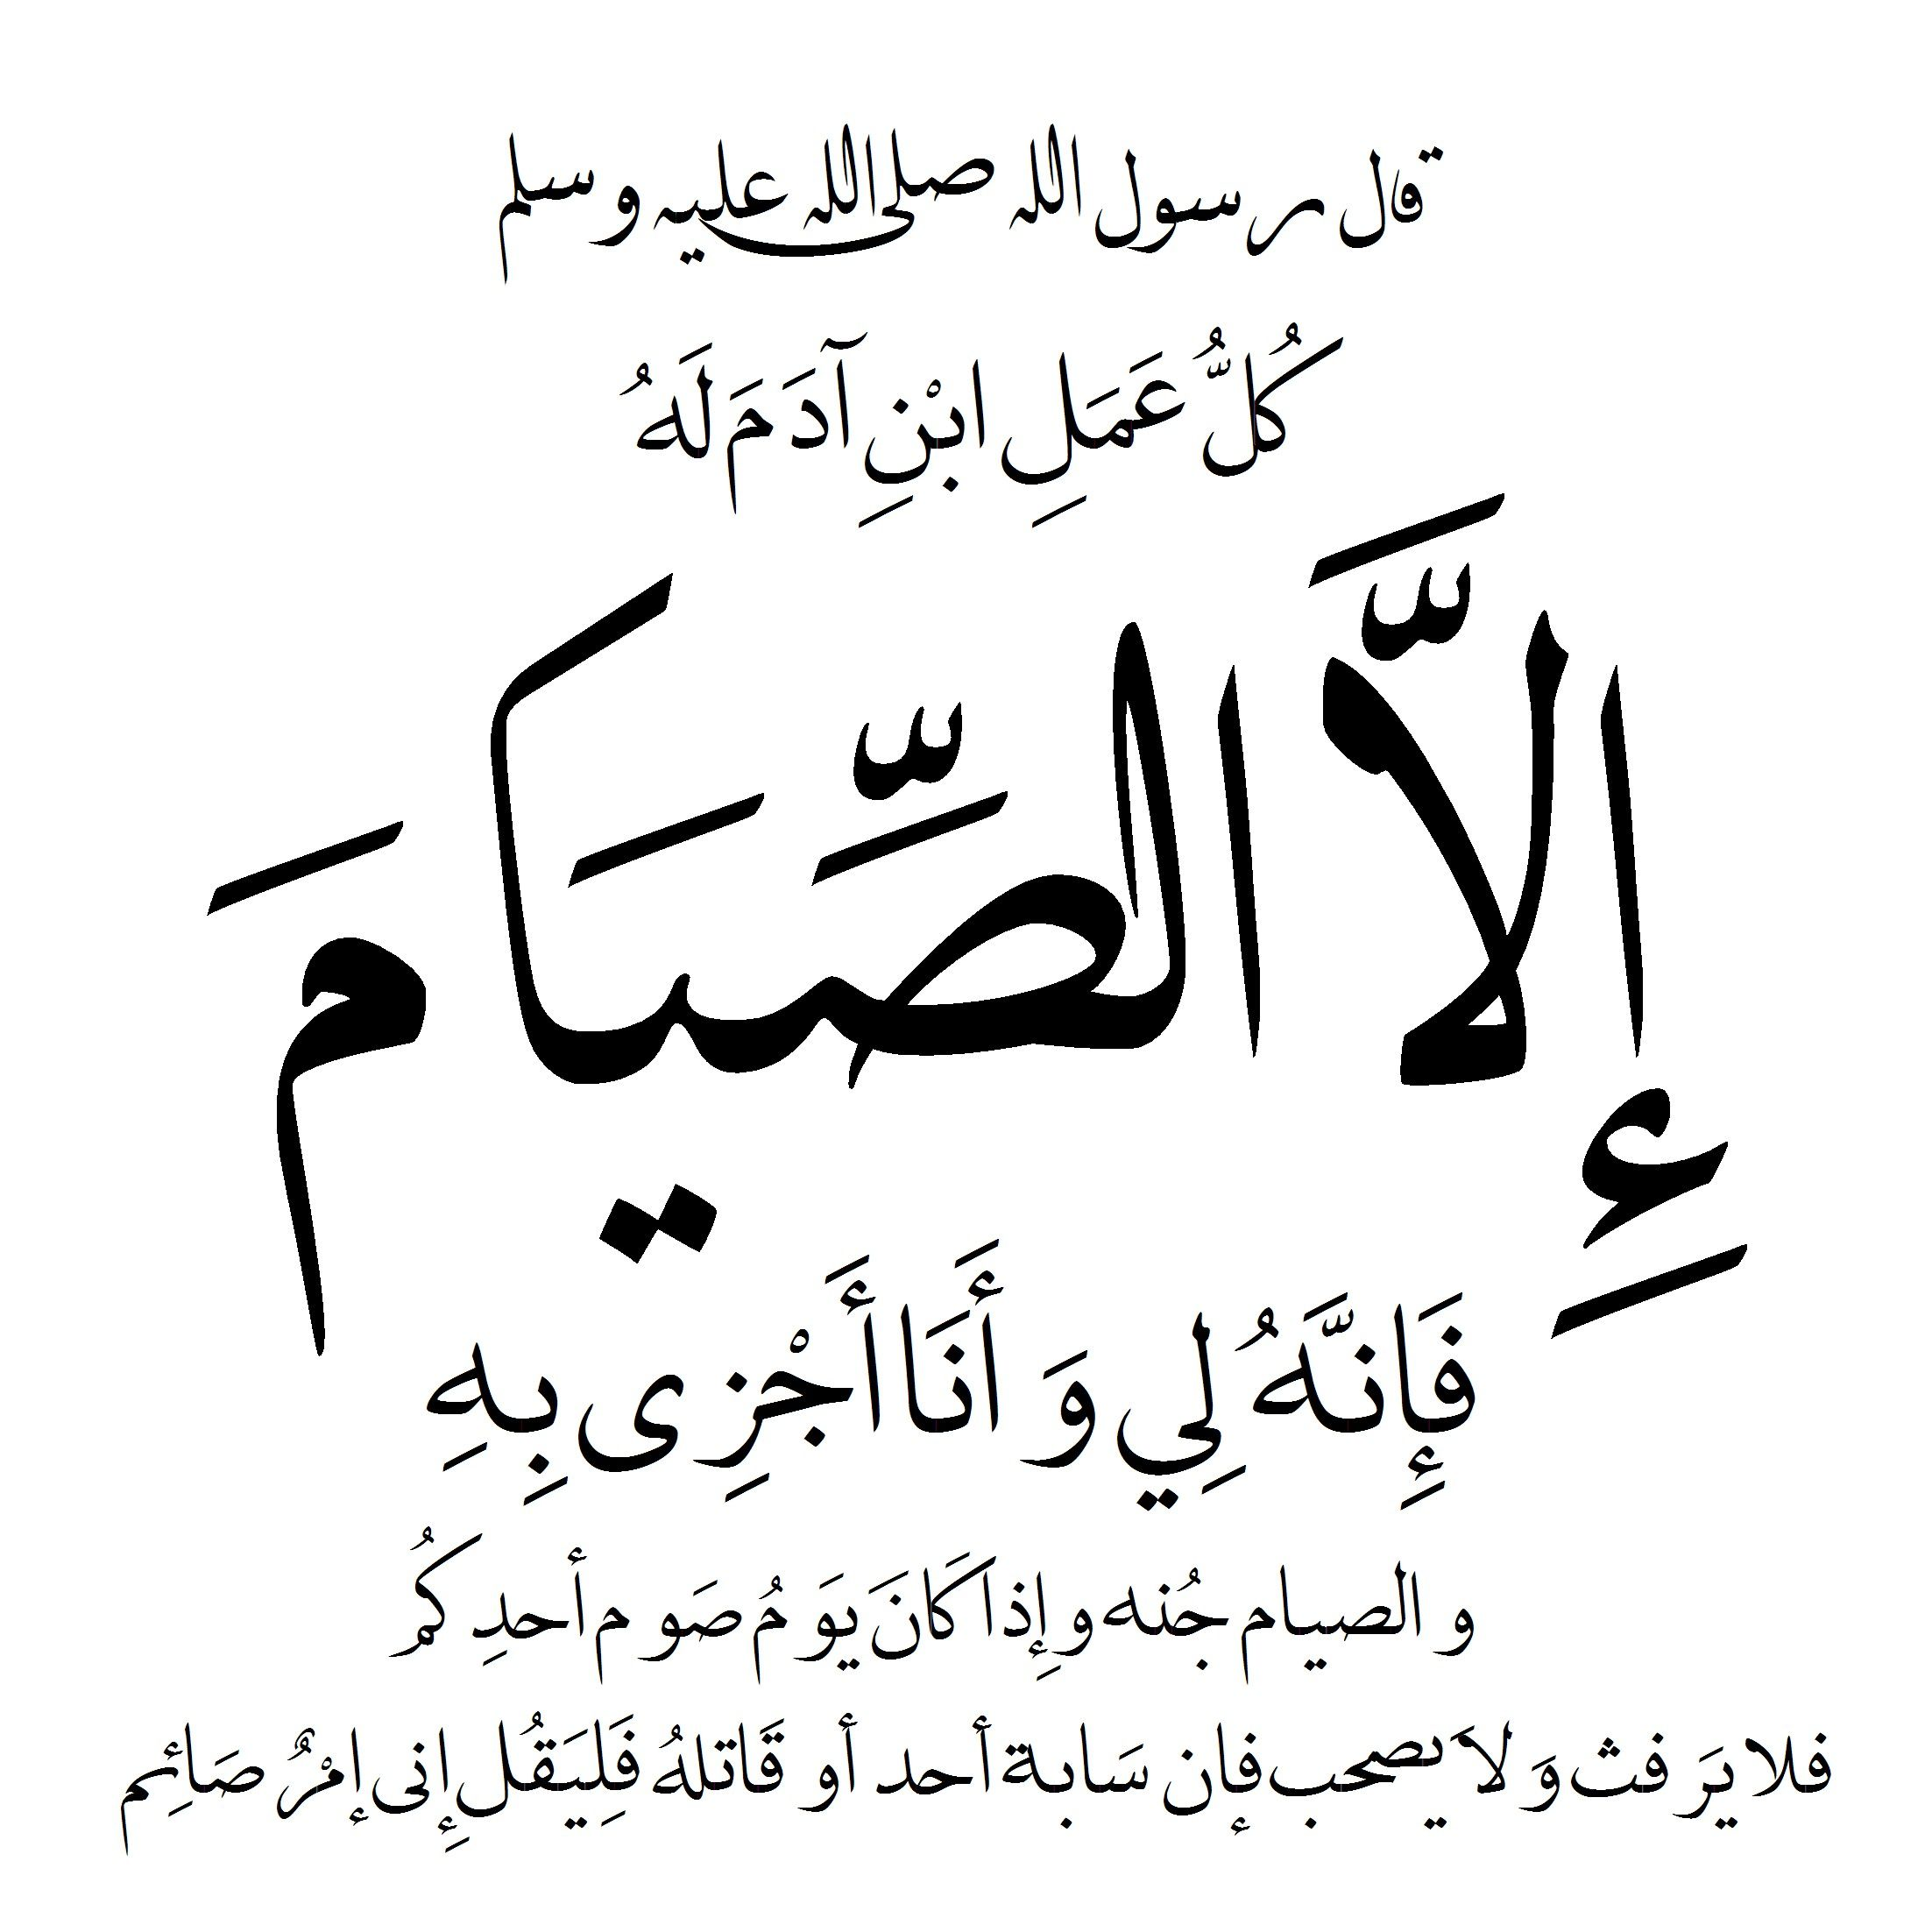 الا الصيام حديث شريف Quran Quotes Islamic Quotes Quran Islamic Quotes